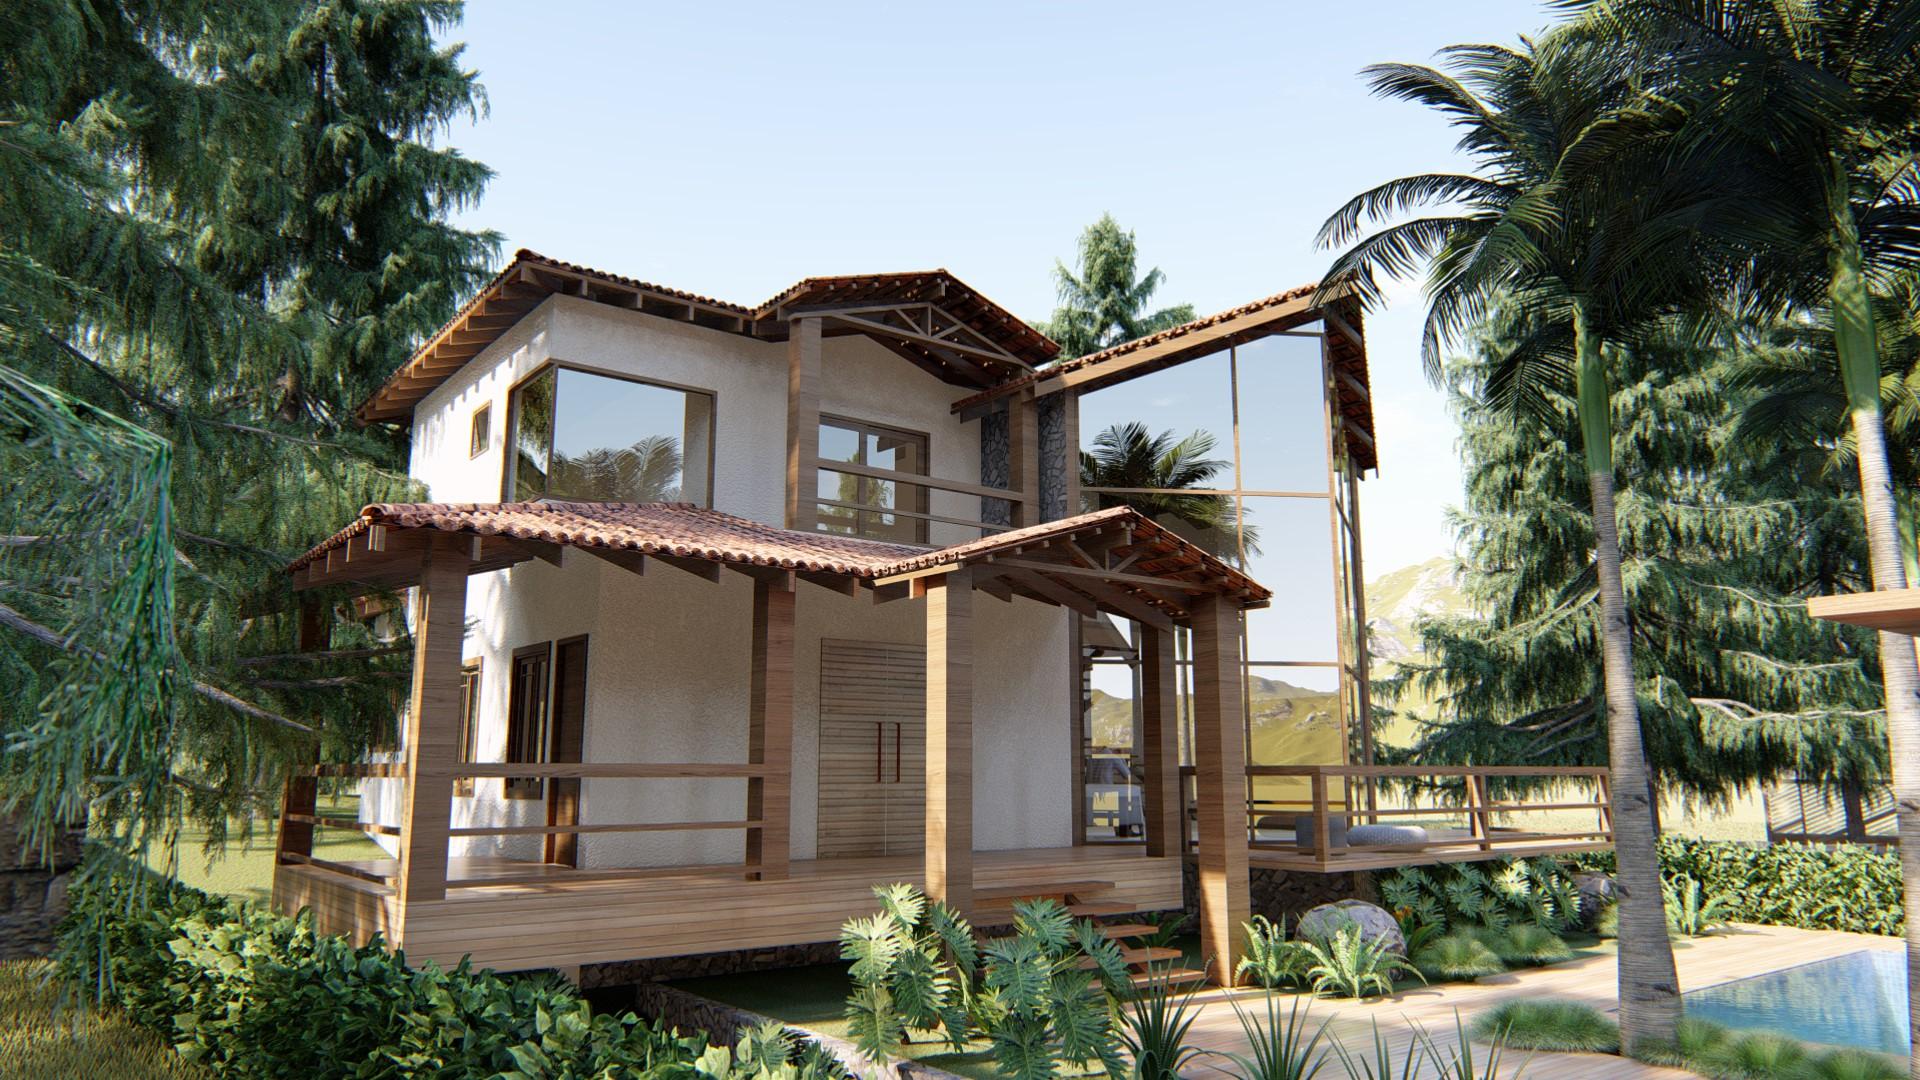 projeto casa jacaroa-marica 03